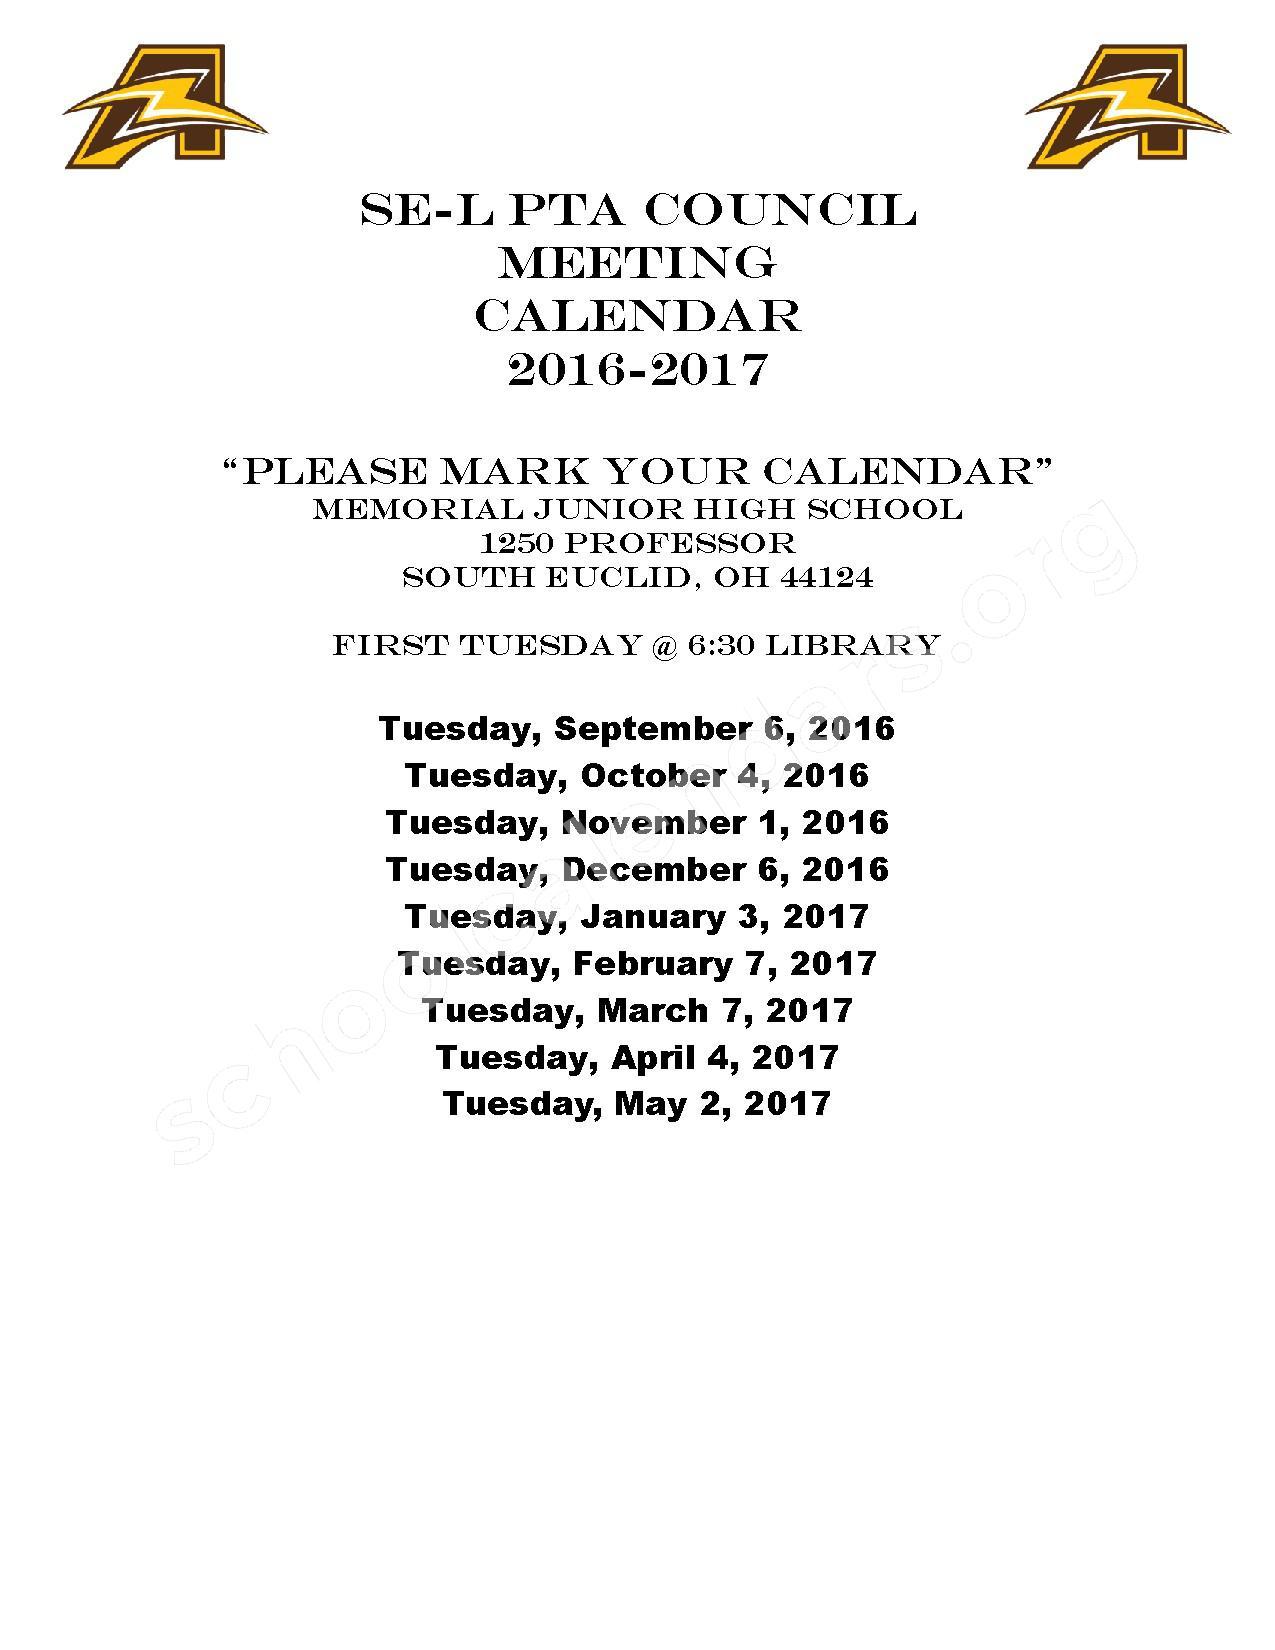 2016 - 2017 School Calendar – Rowland Elementary School – page 1